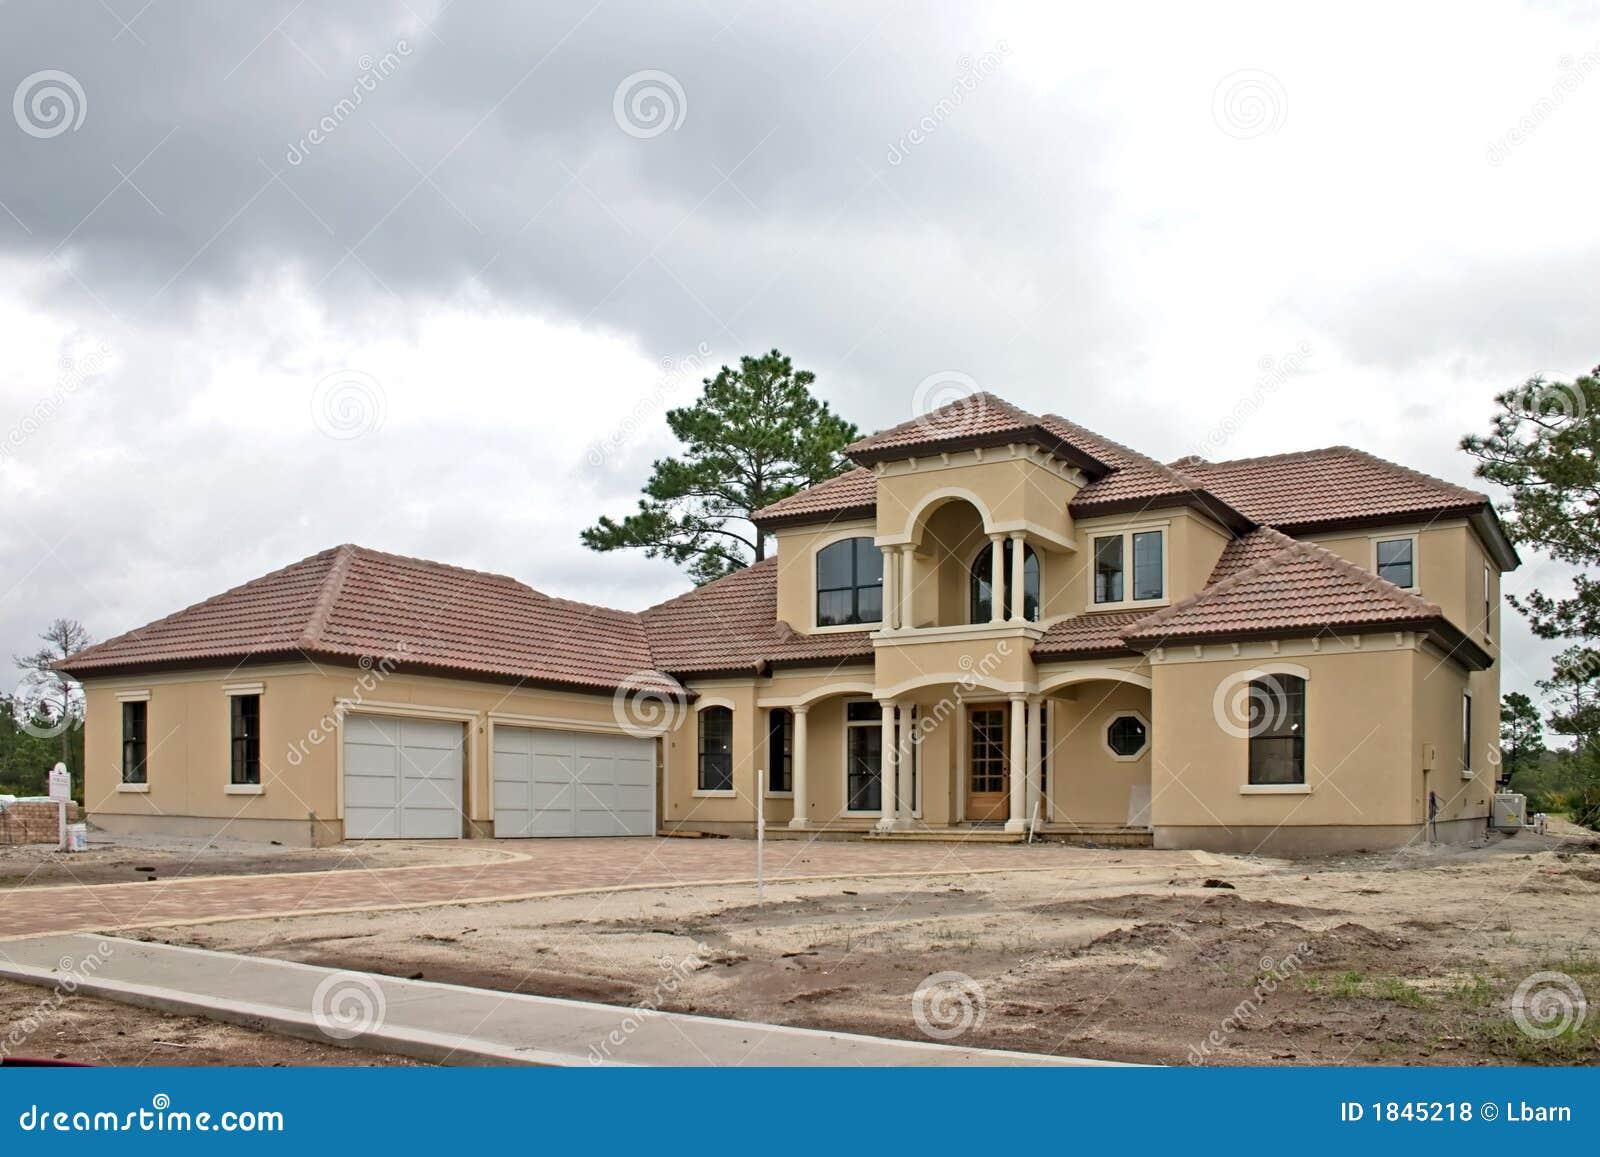 Favori Construction à La Maison De Luxe 1 Photo stock - Image: 1845218 KI99